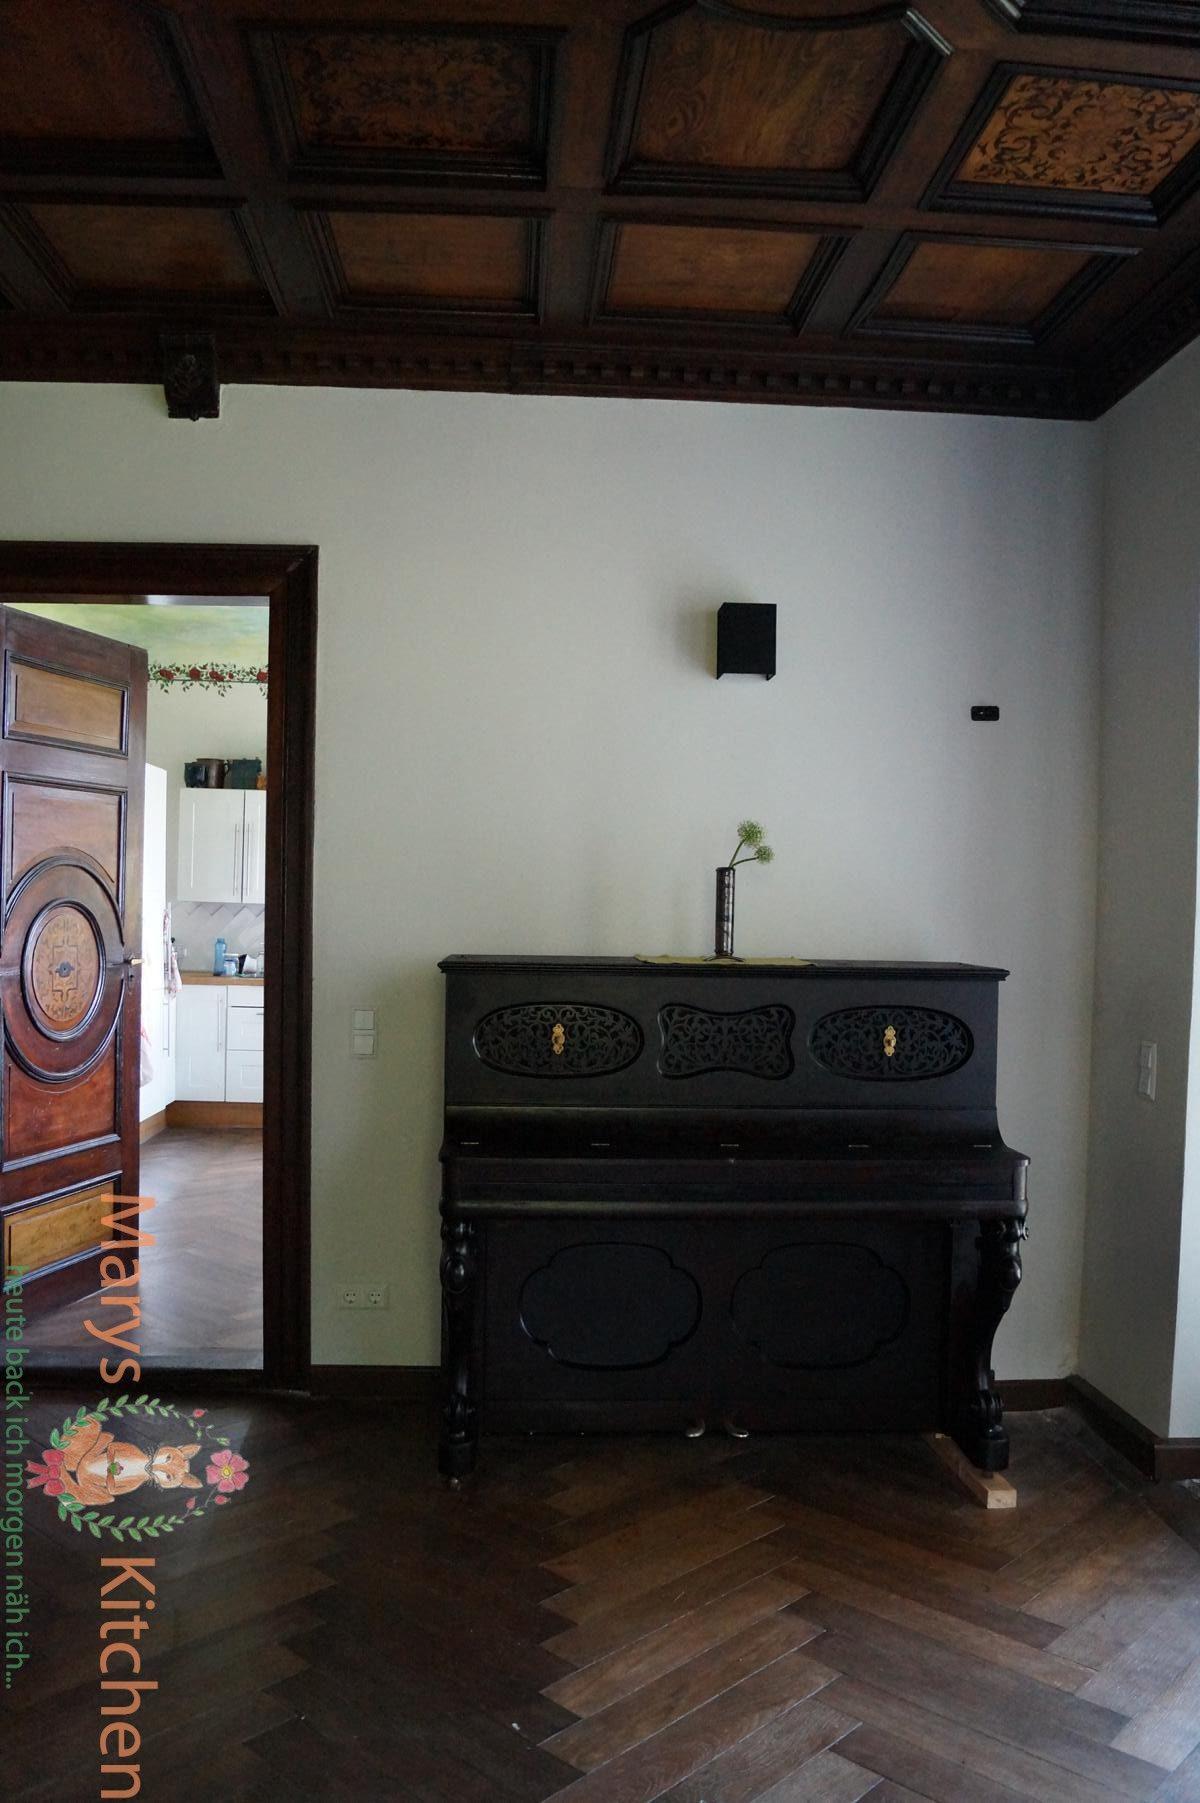 k che aus alt mach neu heizk rper f r k che nicht wei elkes kleine uphusum designer selber. Black Bedroom Furniture Sets. Home Design Ideas